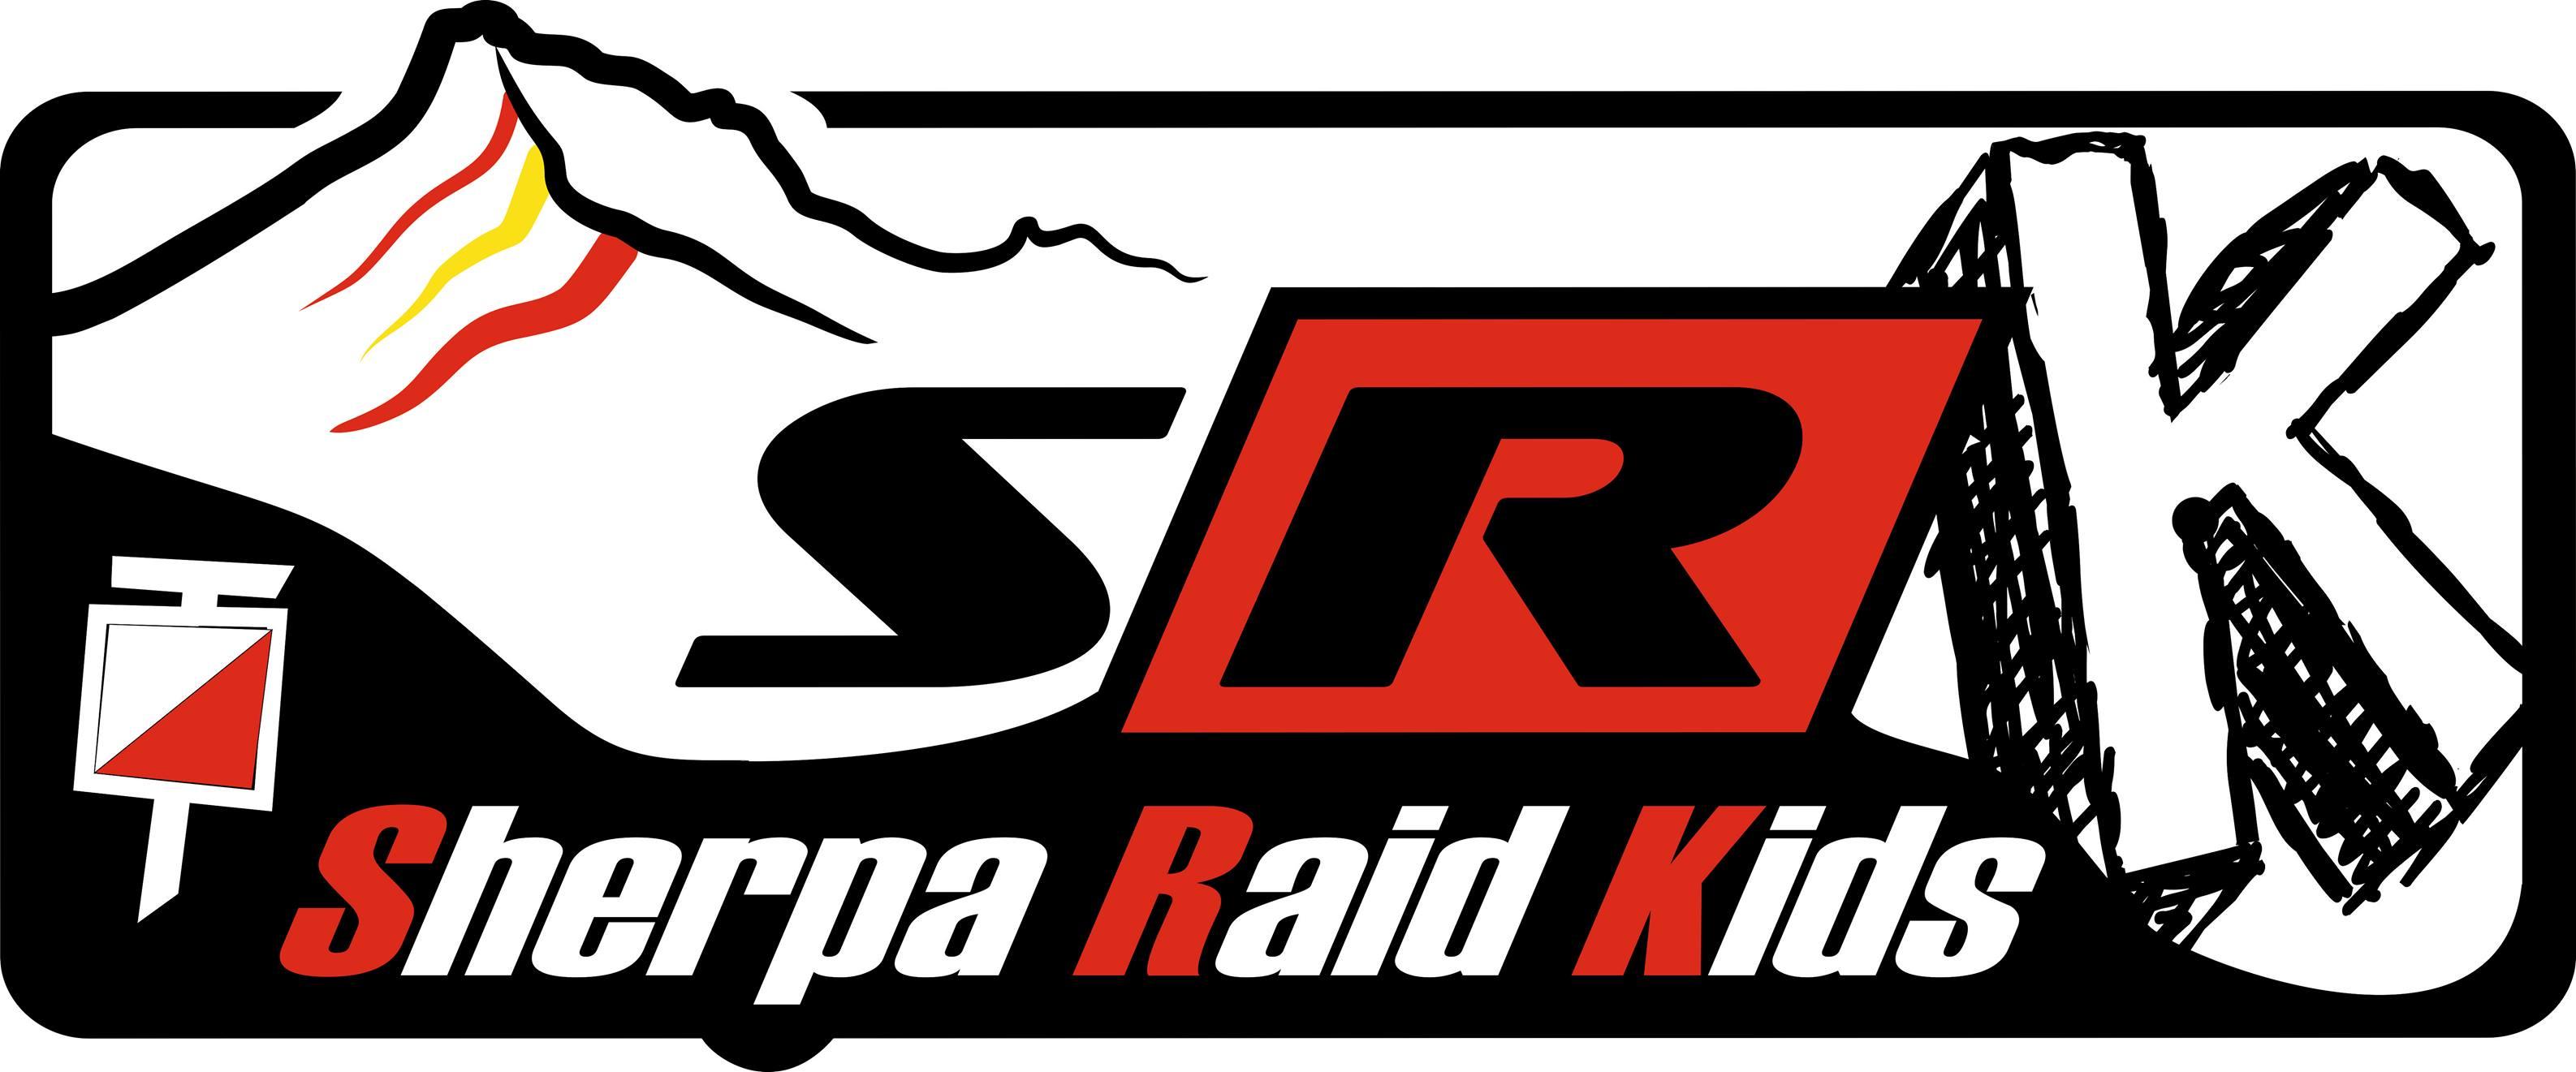 logo sherpa raid kids